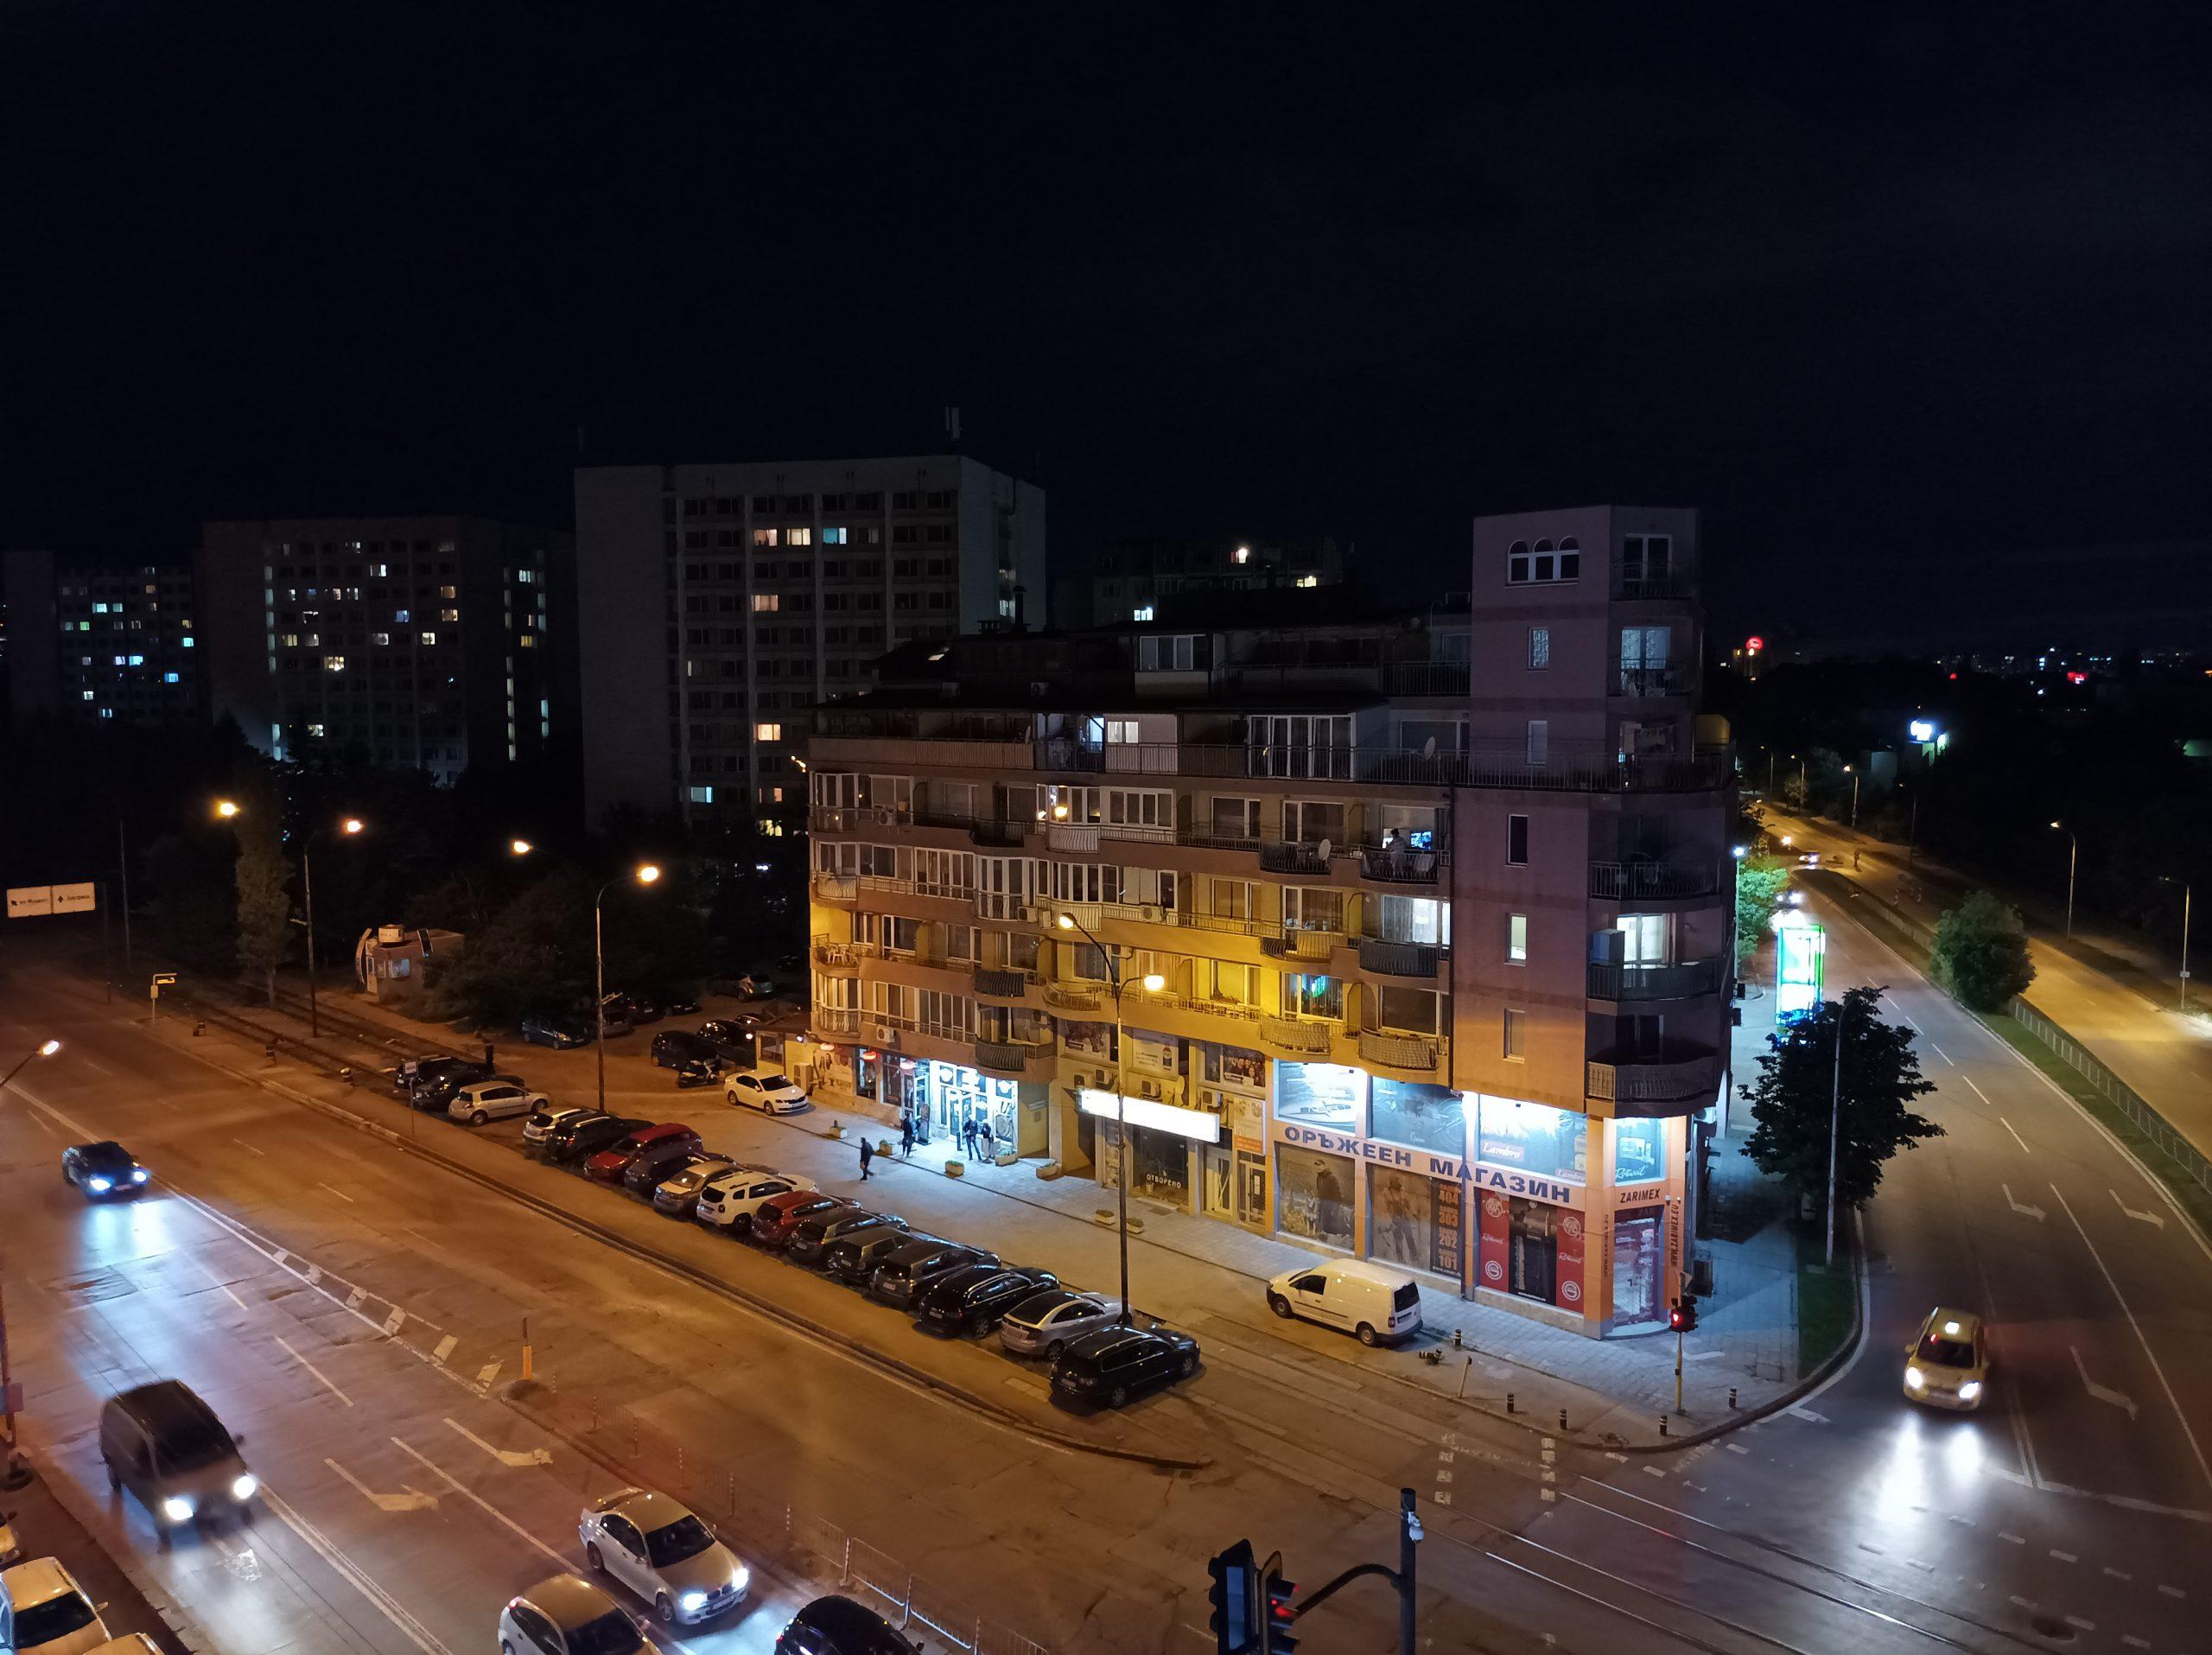 دوربین اصلی در شب 3 scaled